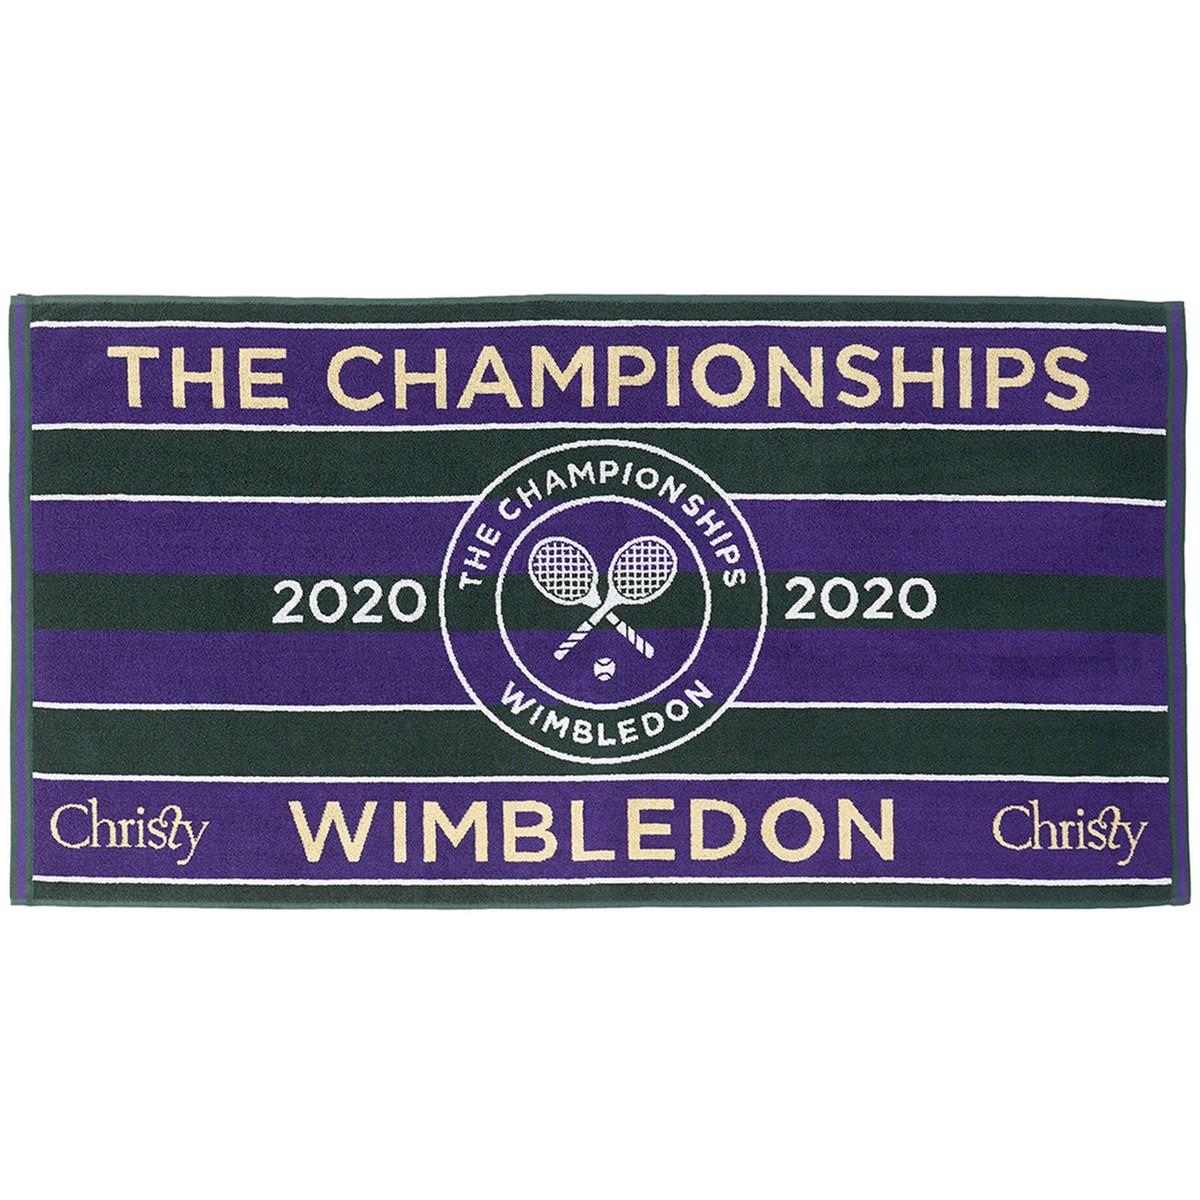 SERVIETTE JOUEUR WIMBLEDON 2020 70*133 CM